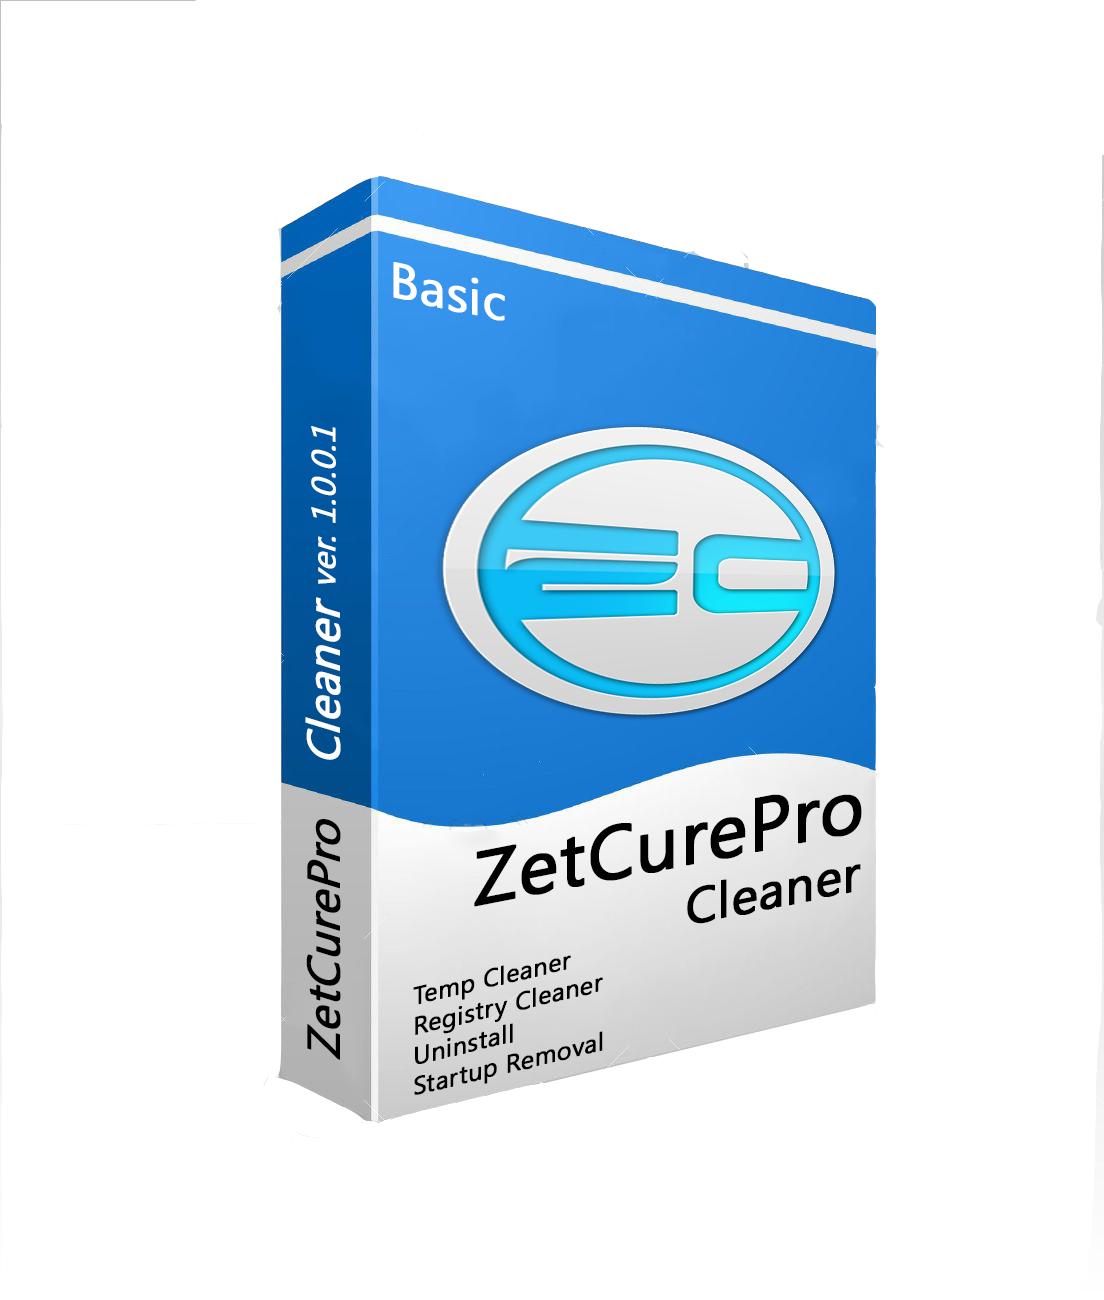 ZetCurePro Cleaner Image